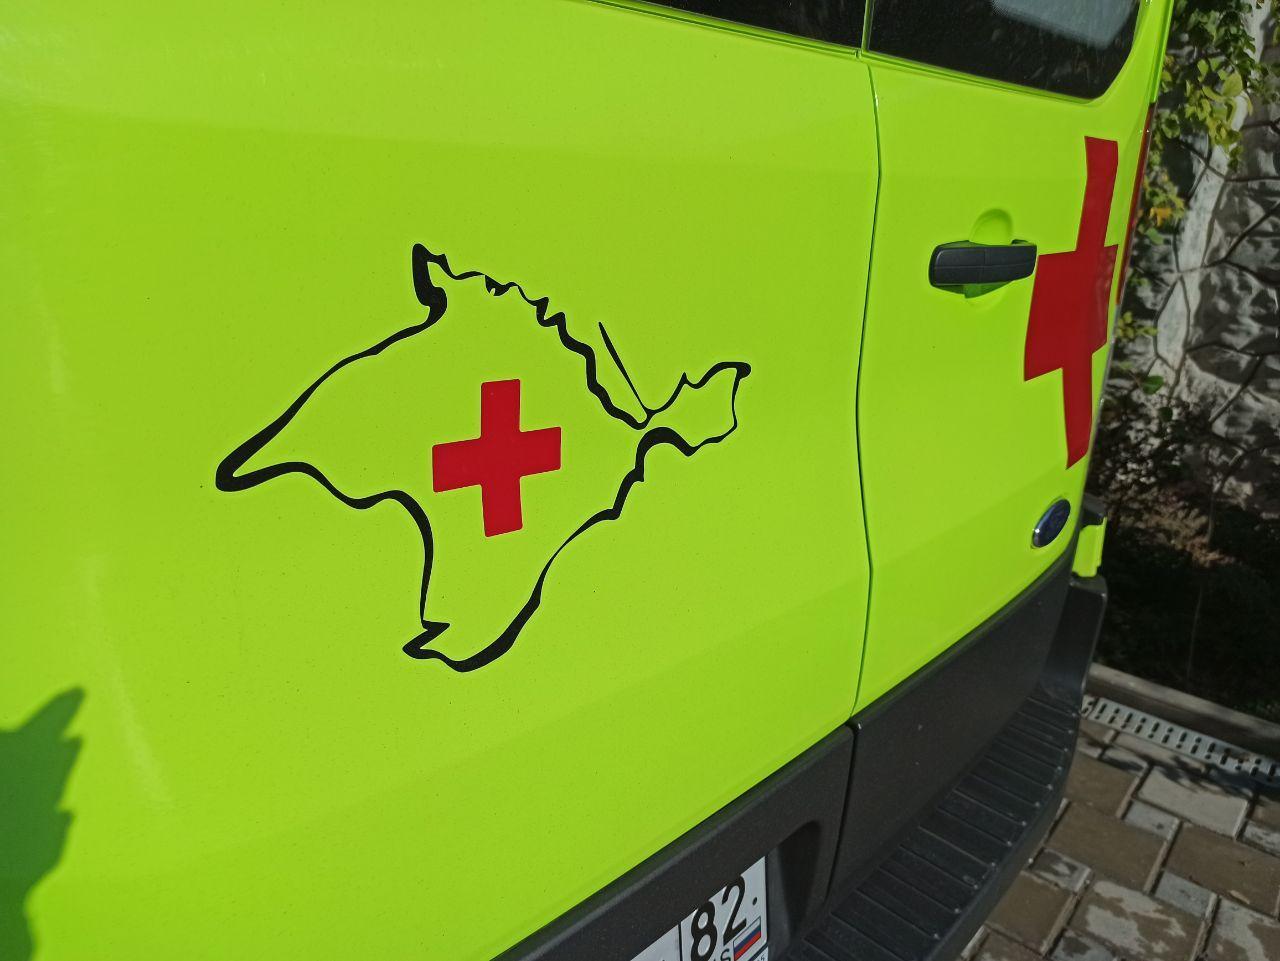 Где скорая: В Симферополе работает часть медицинских бригад из других районов Крыма